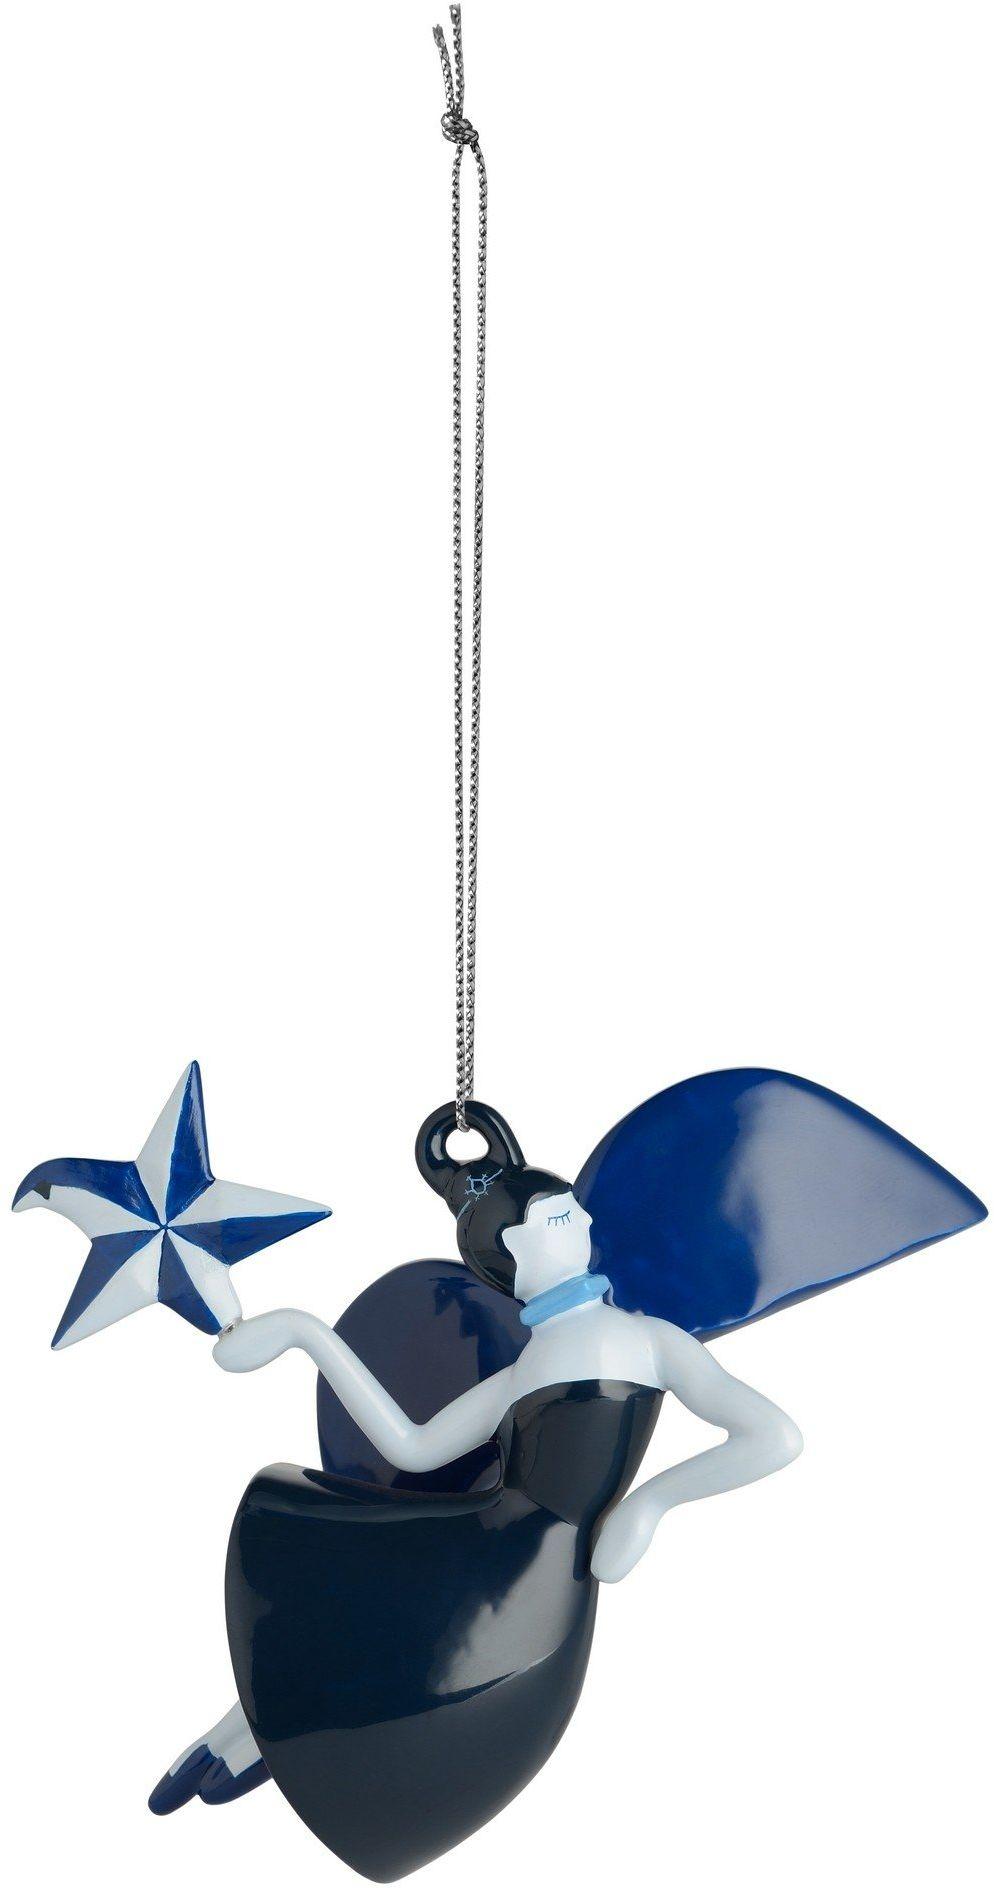 Alessi Ozdoba bożonarodzeniowa, niebieski, 10,9 x 5,7 x 8,7 cm